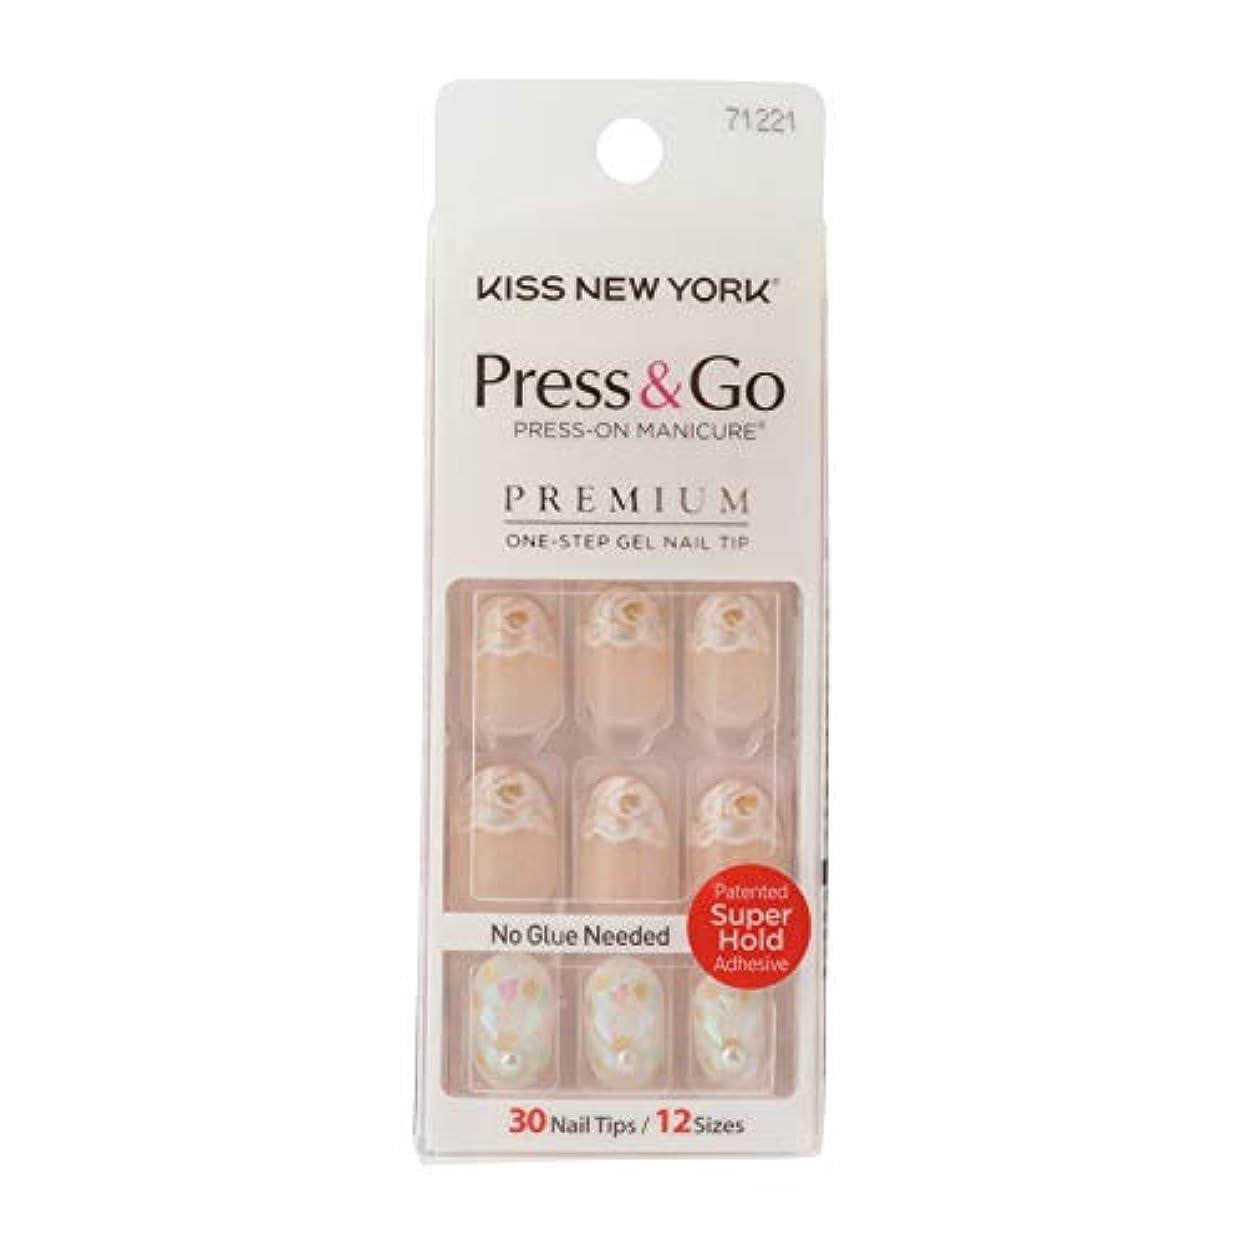 しおれた観客カジュアルキスニューヨーク (KISS NEW YORK) KISS NEWYORK ネイルチップPress&Go BHJ31J 19g